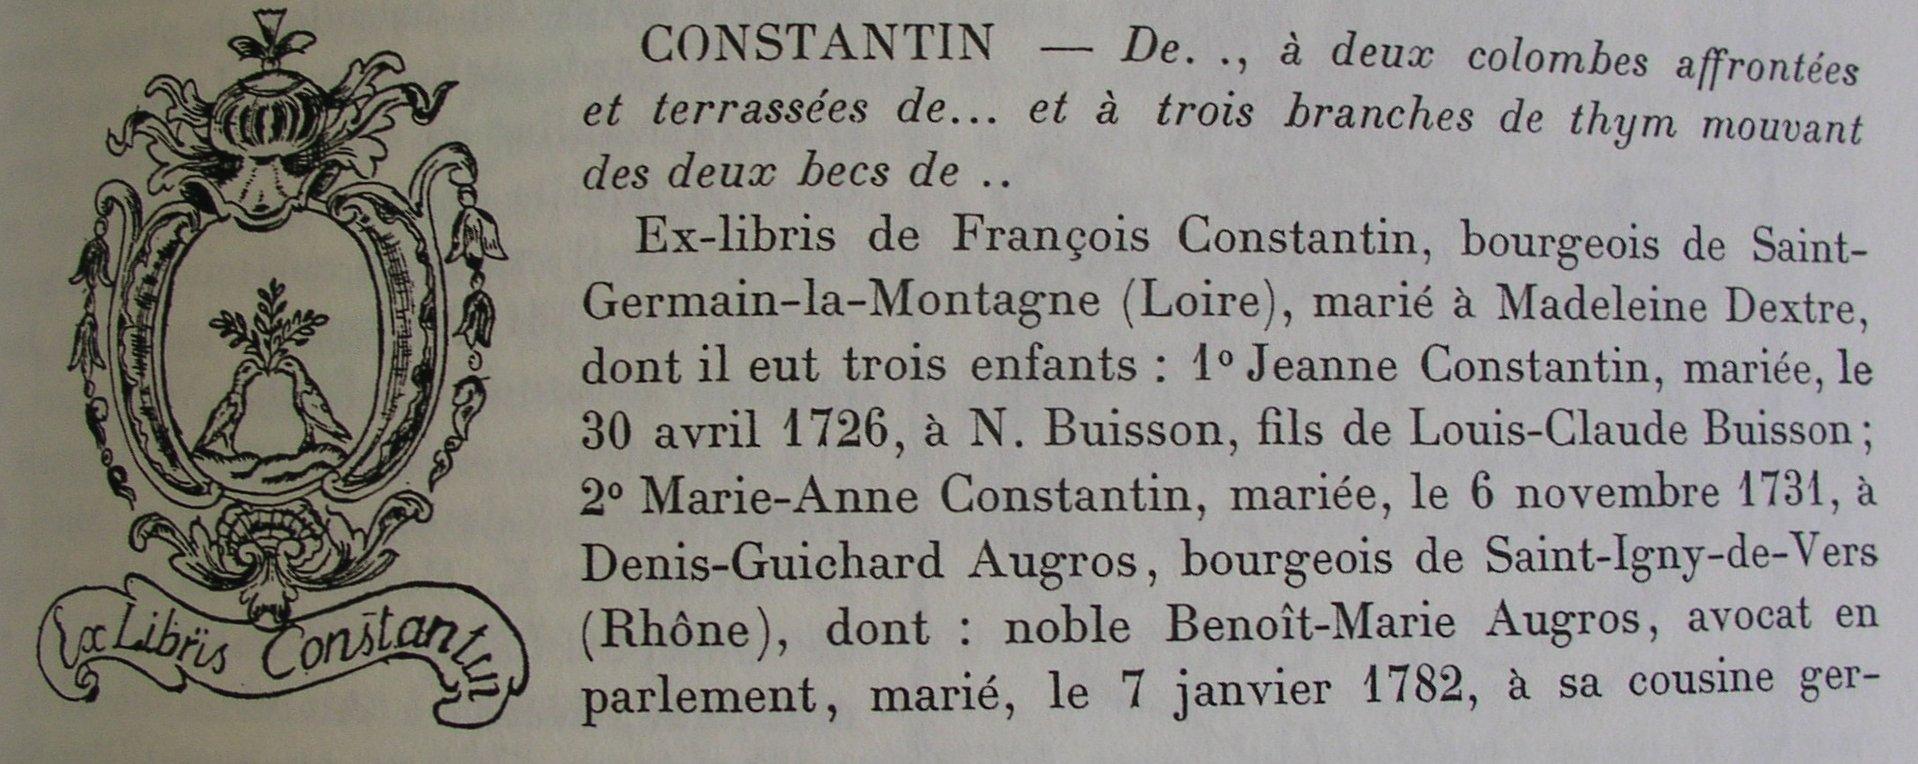 Ex-libris de François Constantin, bourgeois de St-Germain-la-Montagne